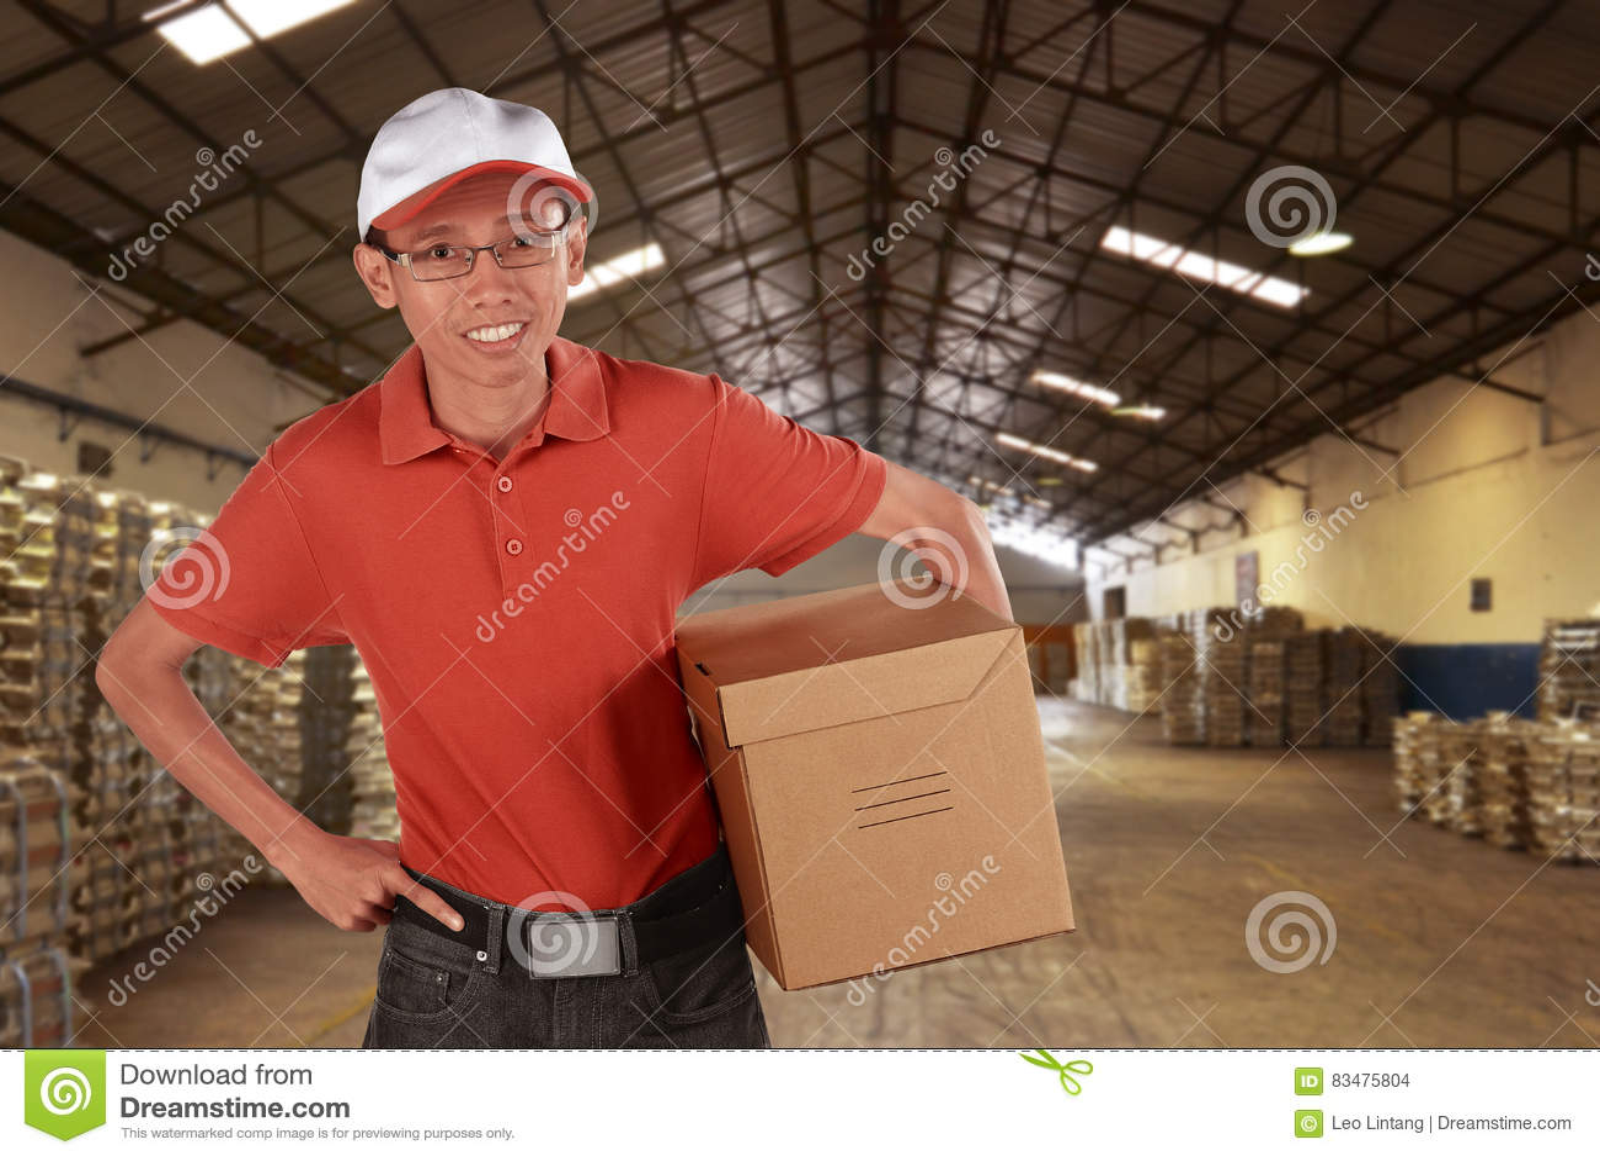 Χαμογελώντας νέος ασιατικός αρσενικός αγγελιαφόρος ταχυδρομικής παράδοσης